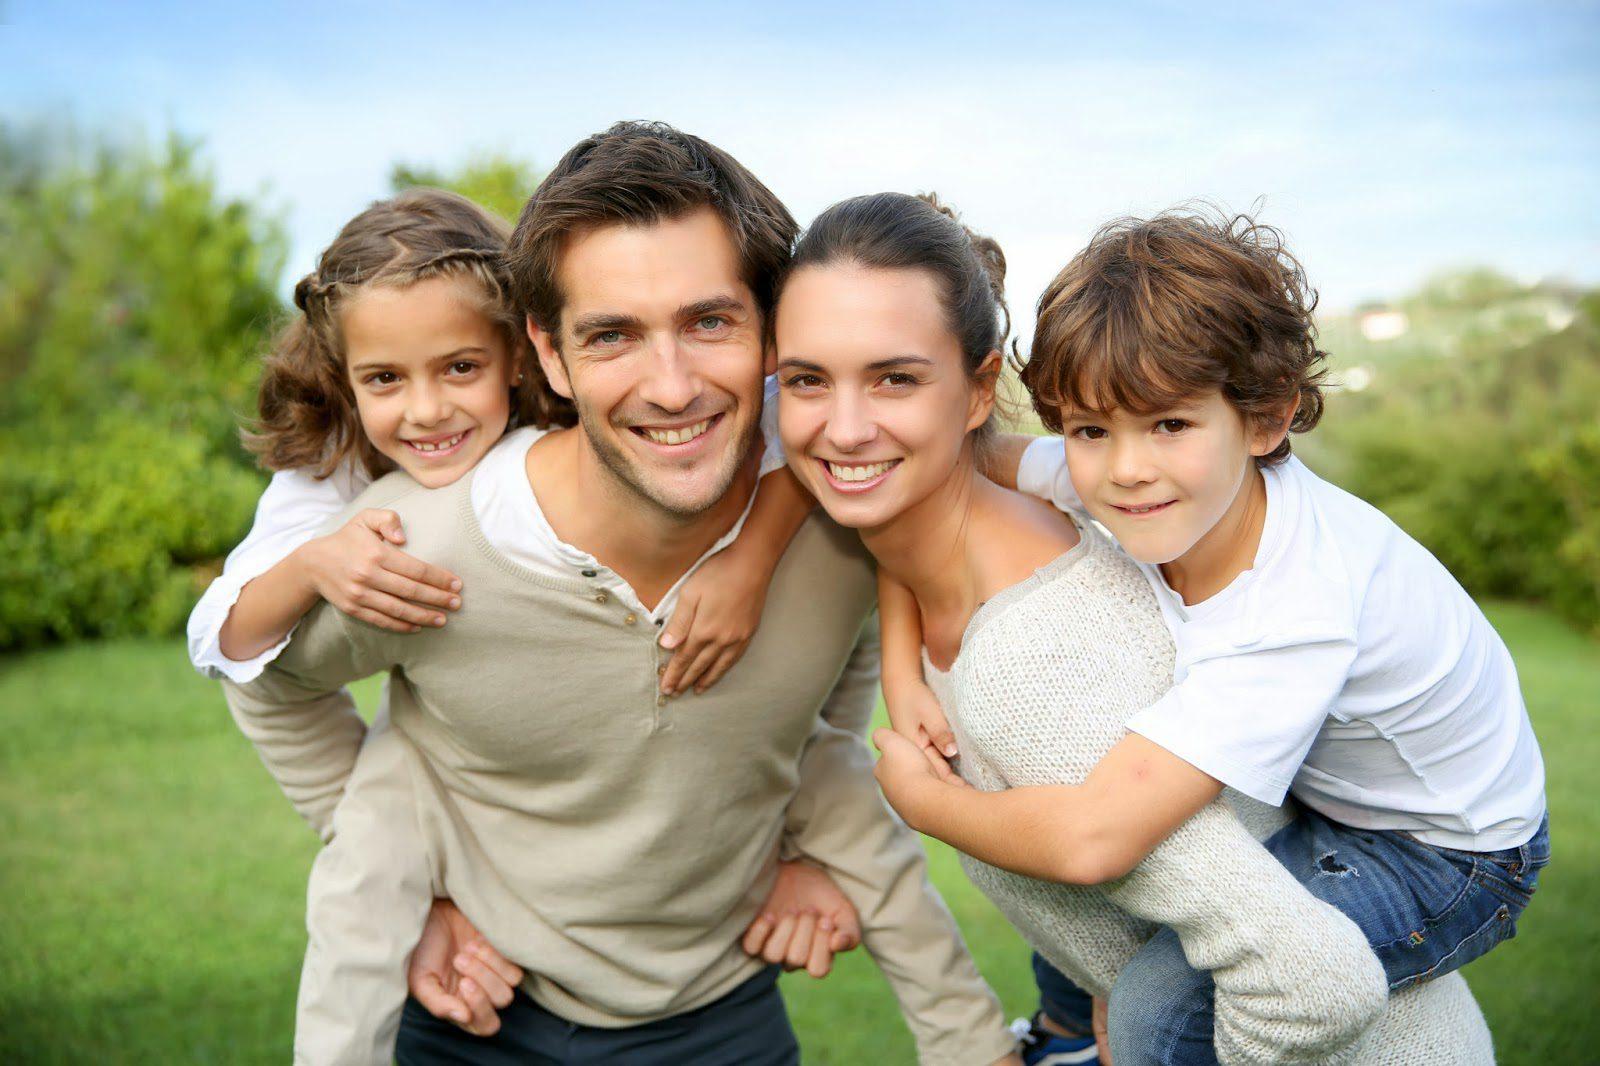 أشهر الأخطاء التي يرتكبها الآباء عند تربية أطفالهِم